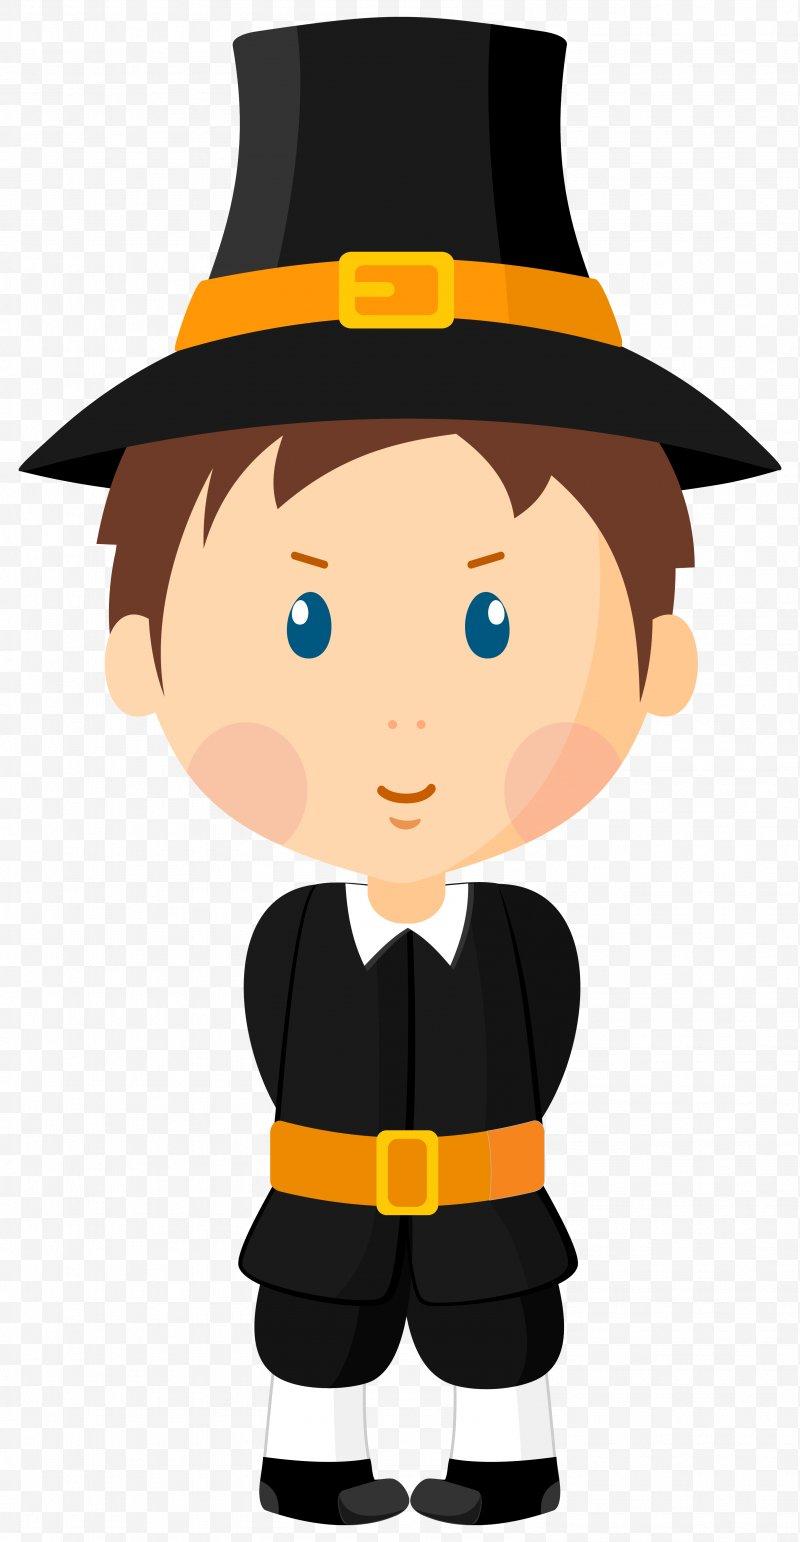 Pilgrims clipart pilgrim child. Boy clip art png